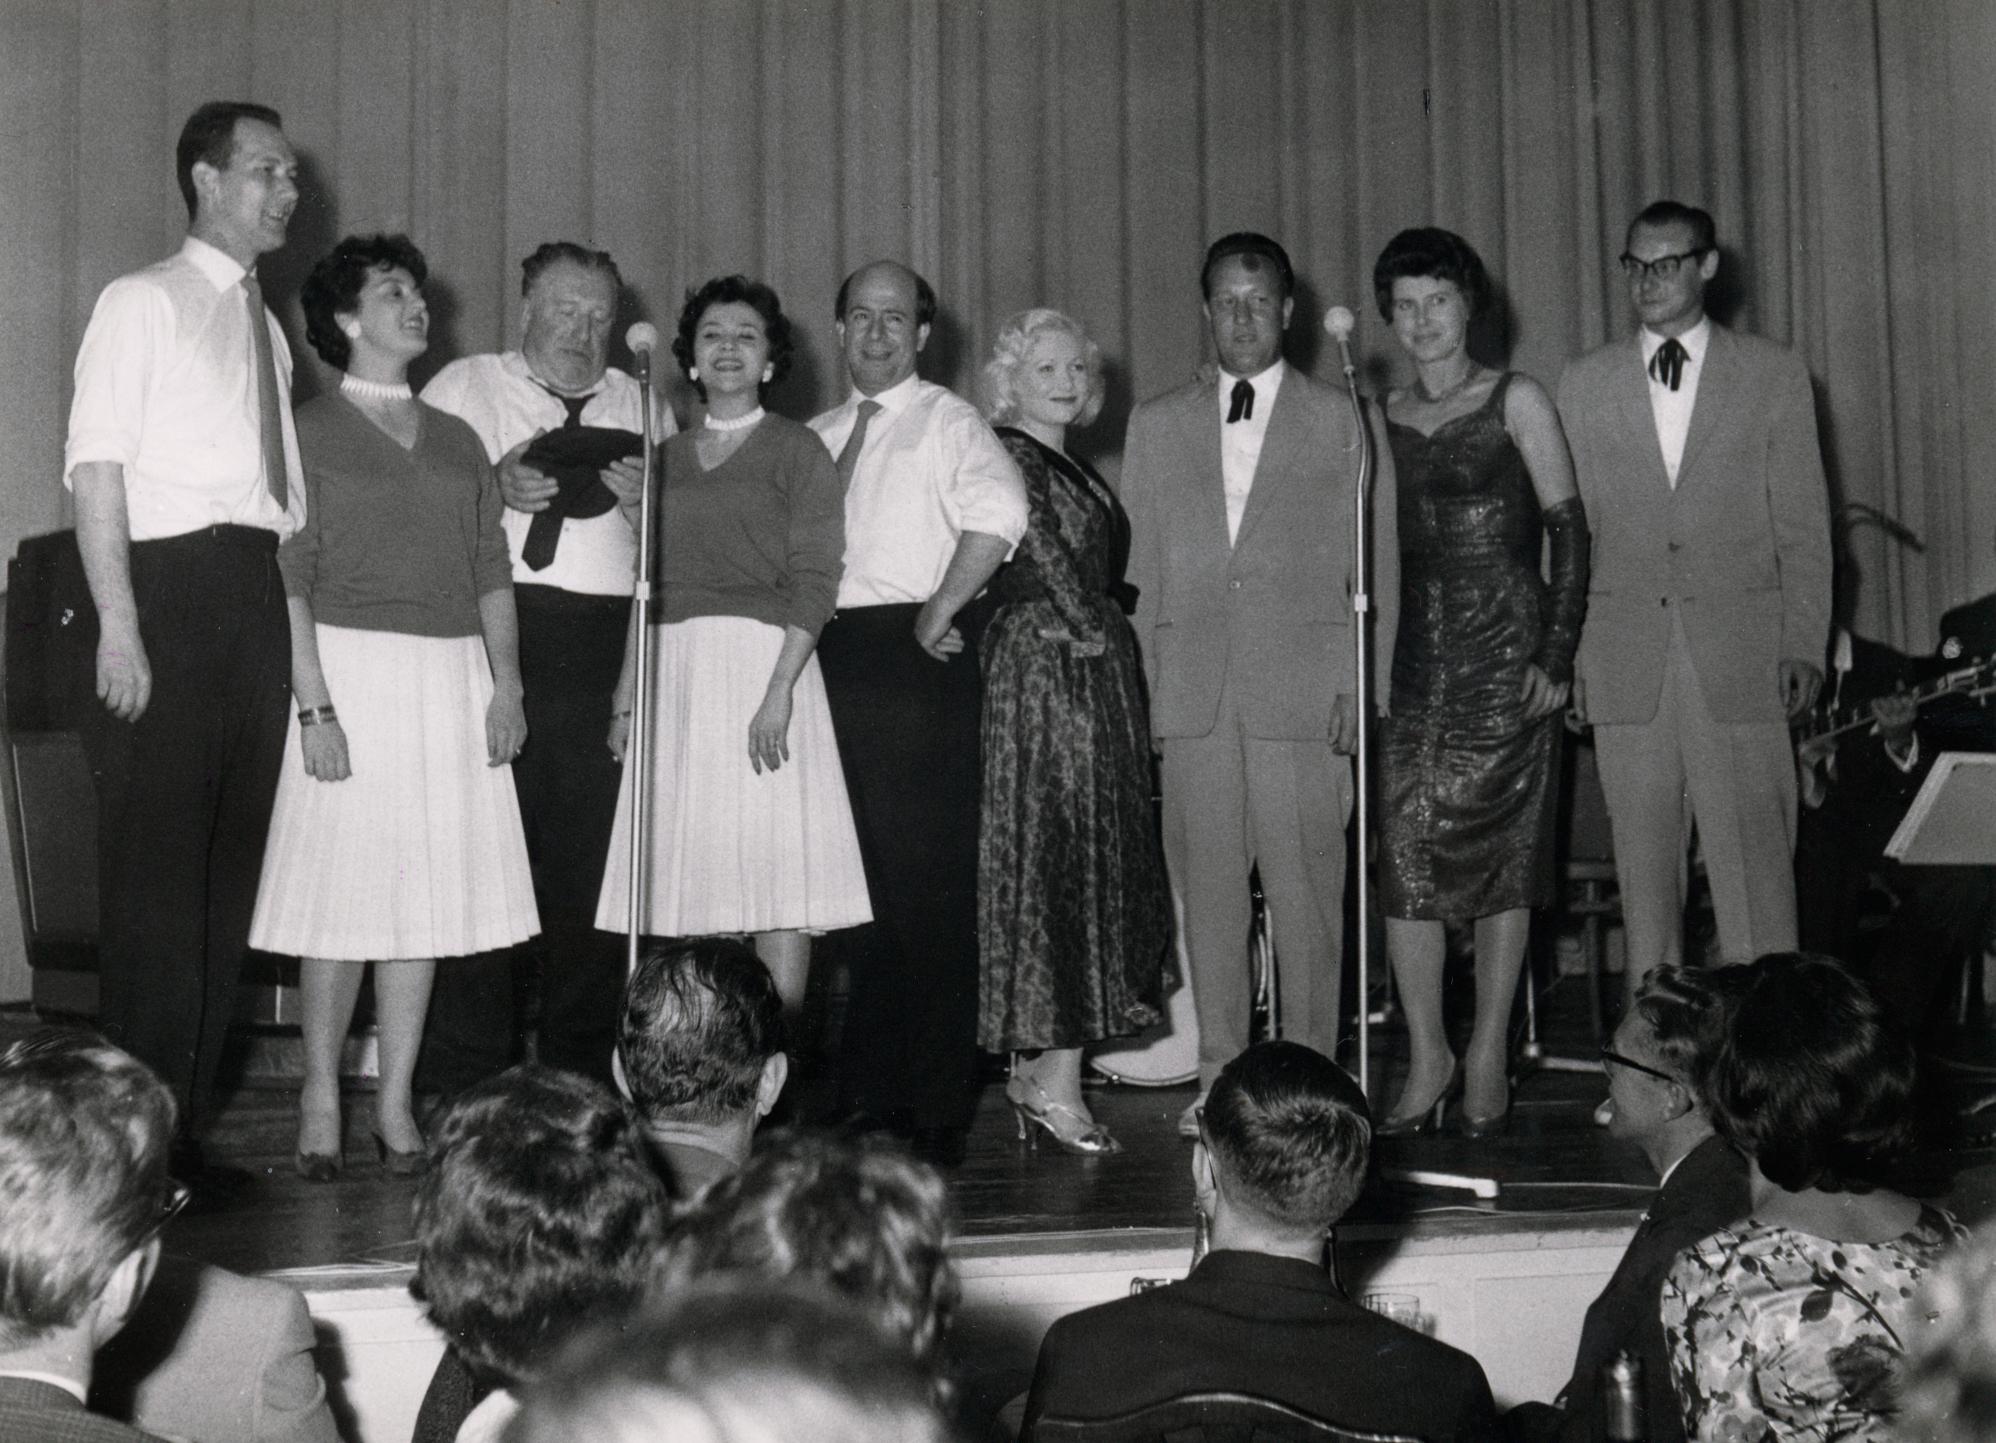 Radiokabarett mit Ueli, Ruth, Elisabeth & Paul